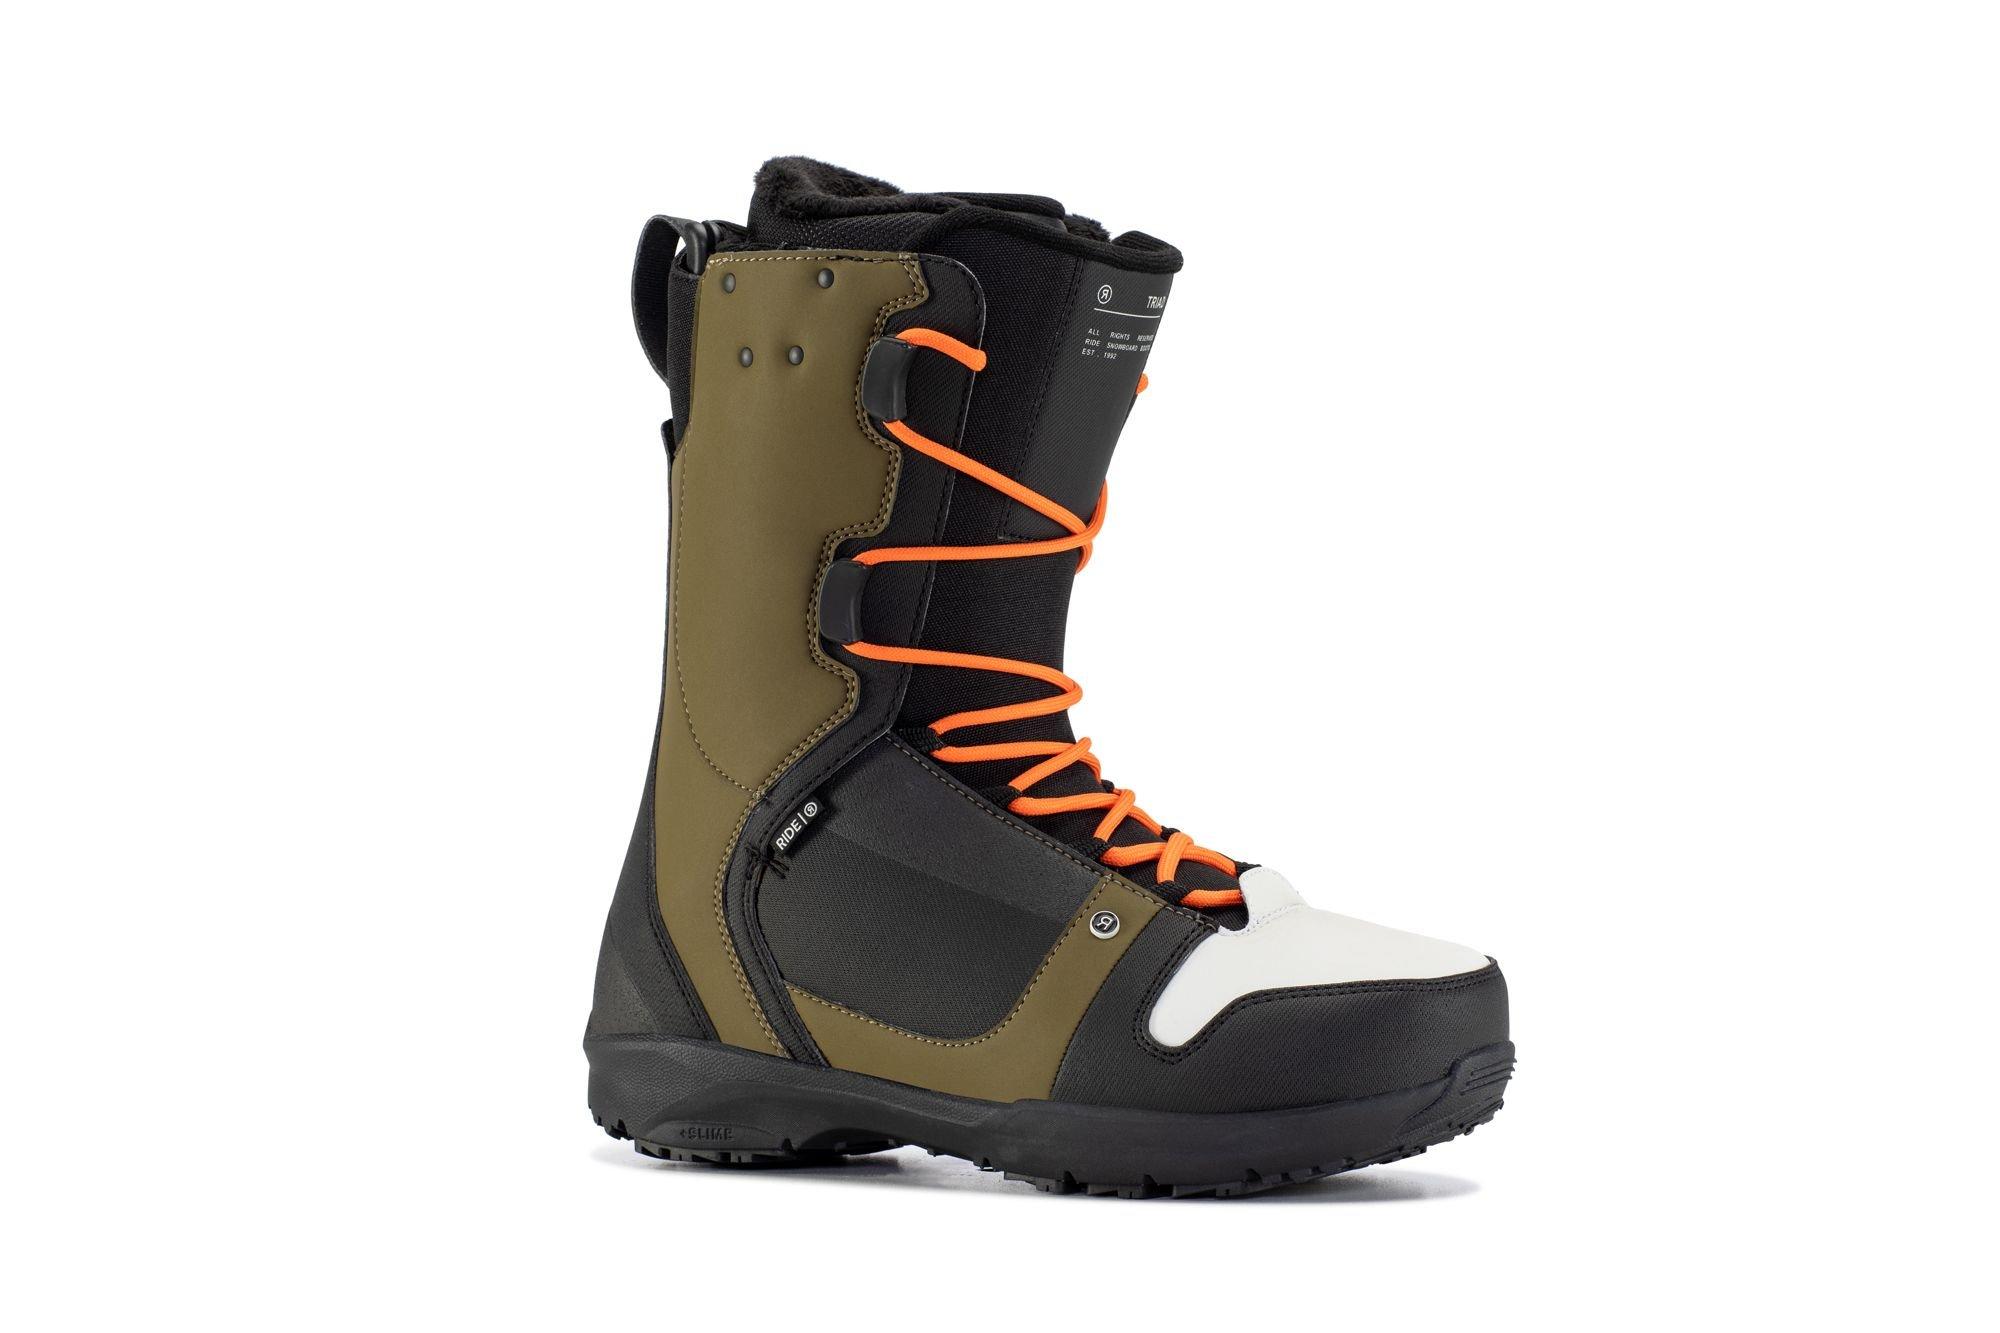 2021 Ride Triad Men's Snowboard Boots